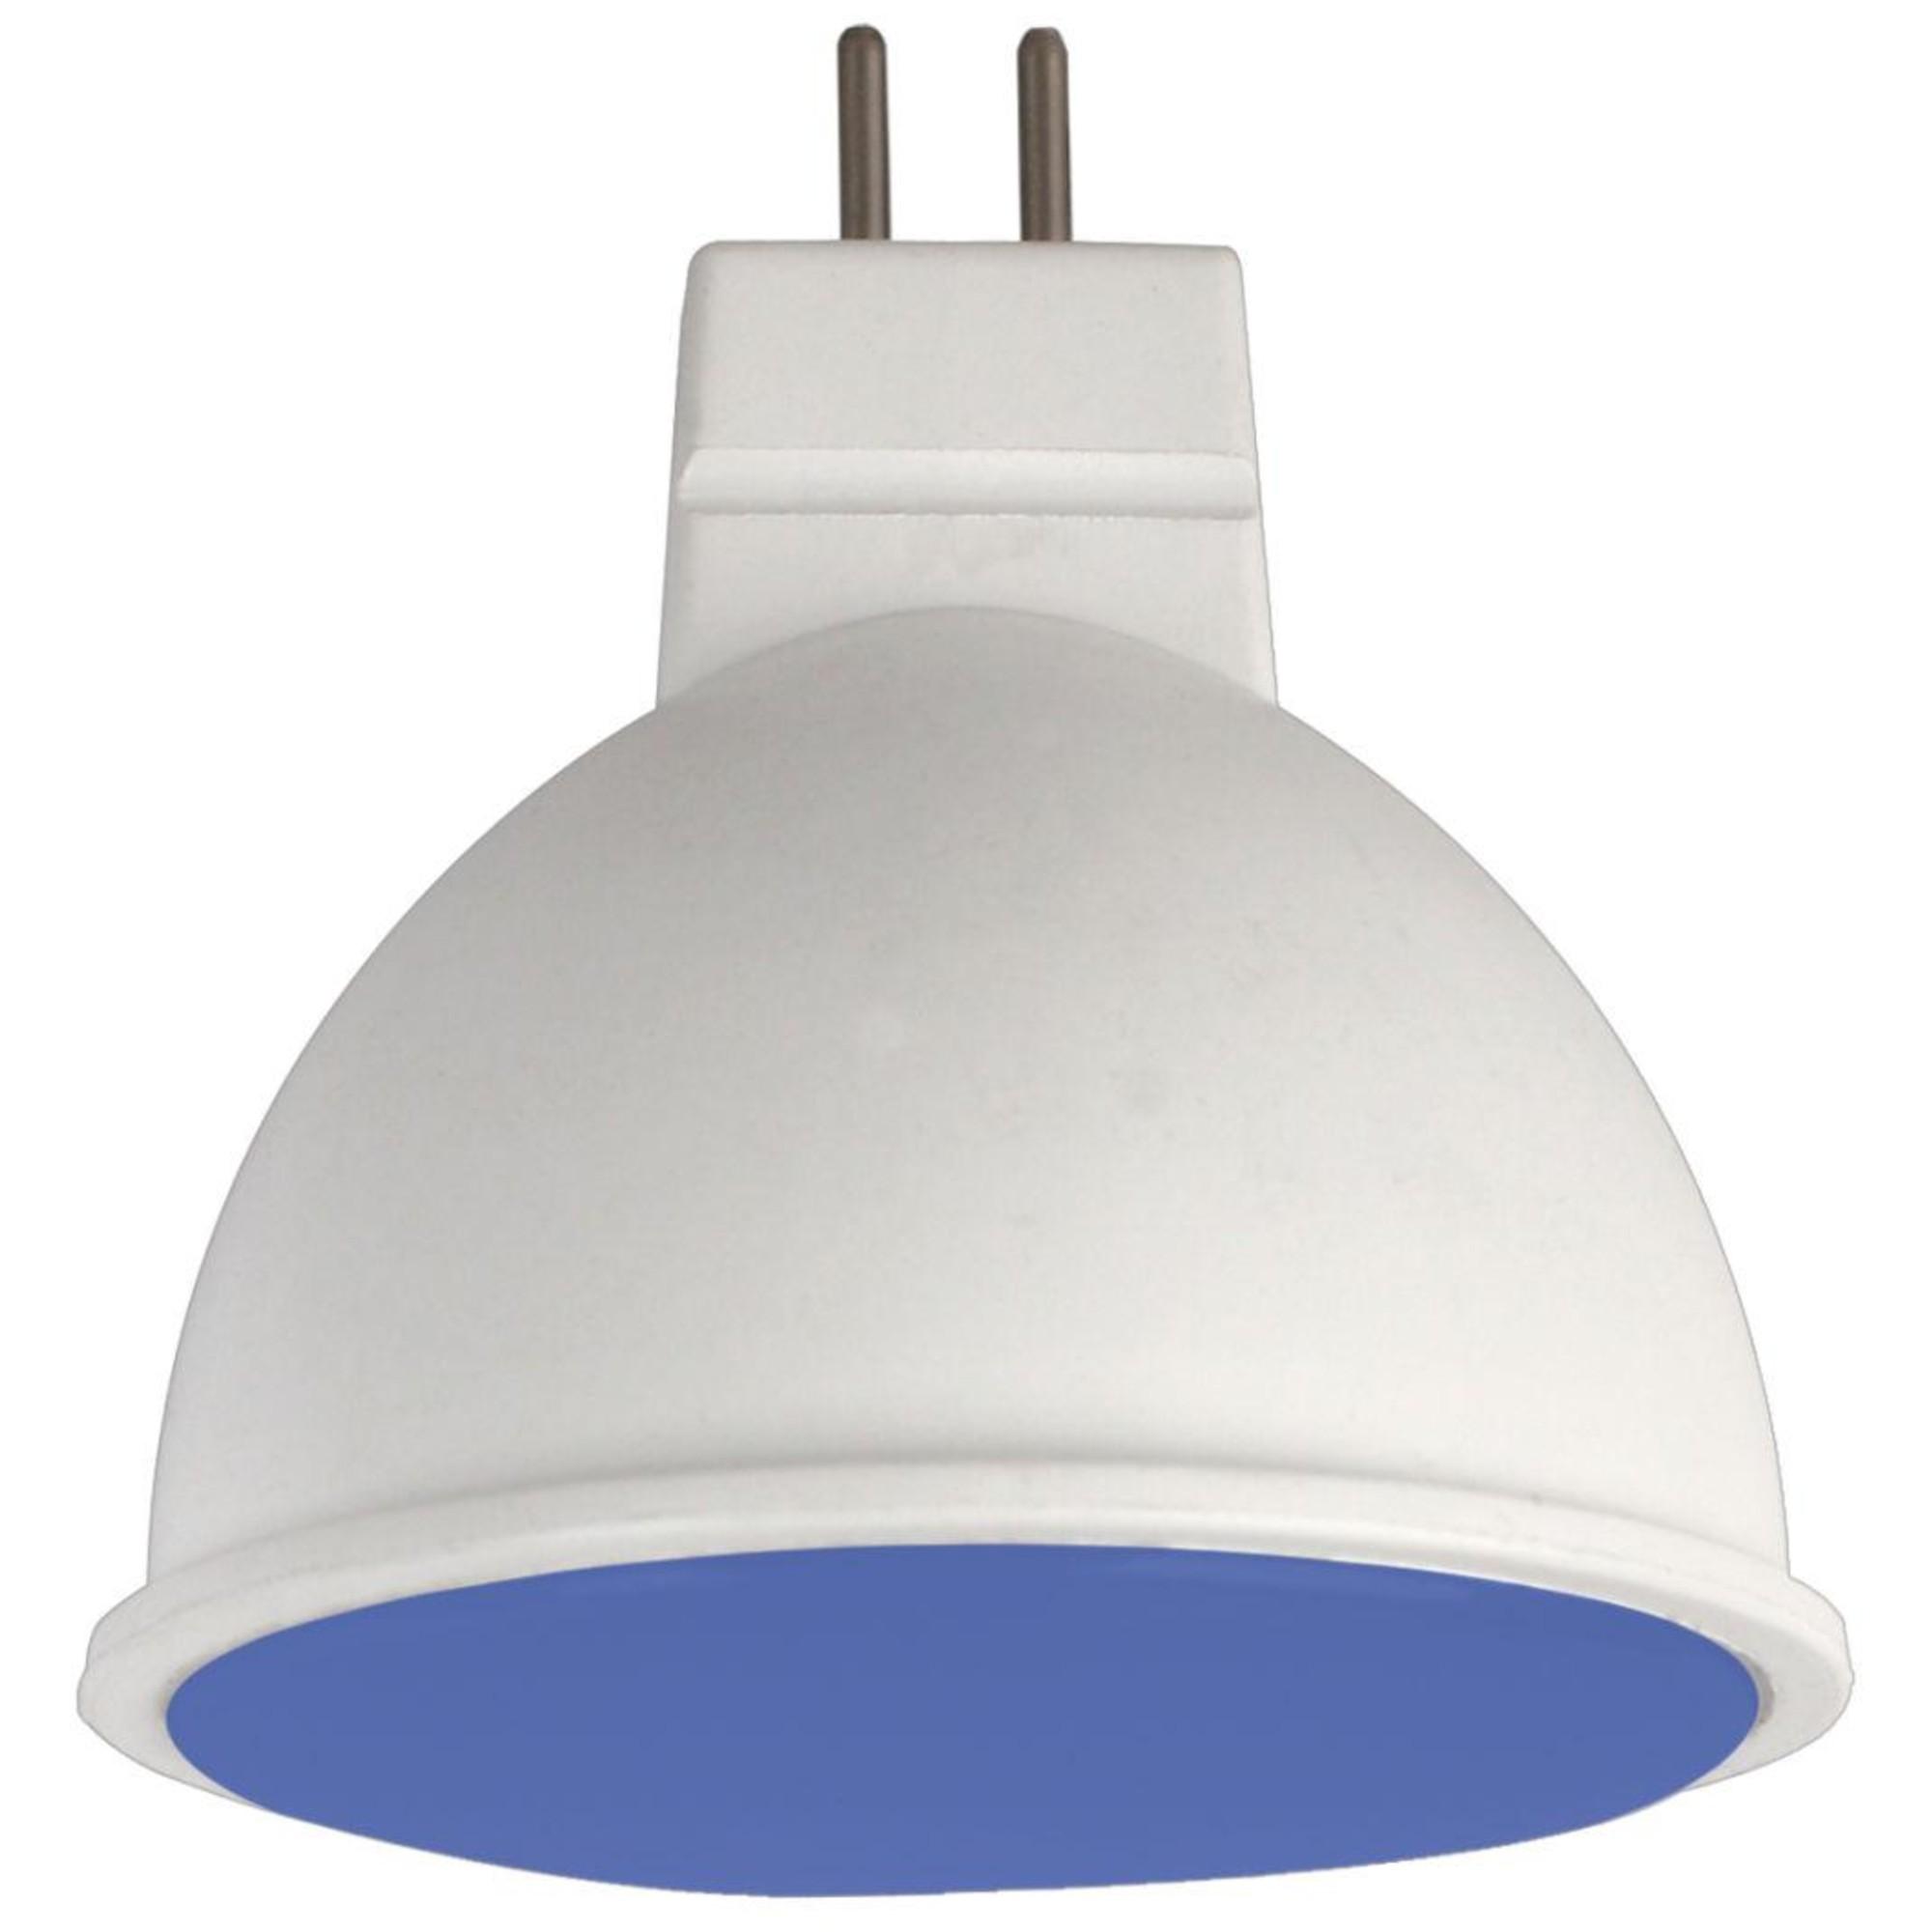 Лампа Ecola стандарт светодионая GU5.3 7 Вт рефлекторная 560 Лм холодный свет